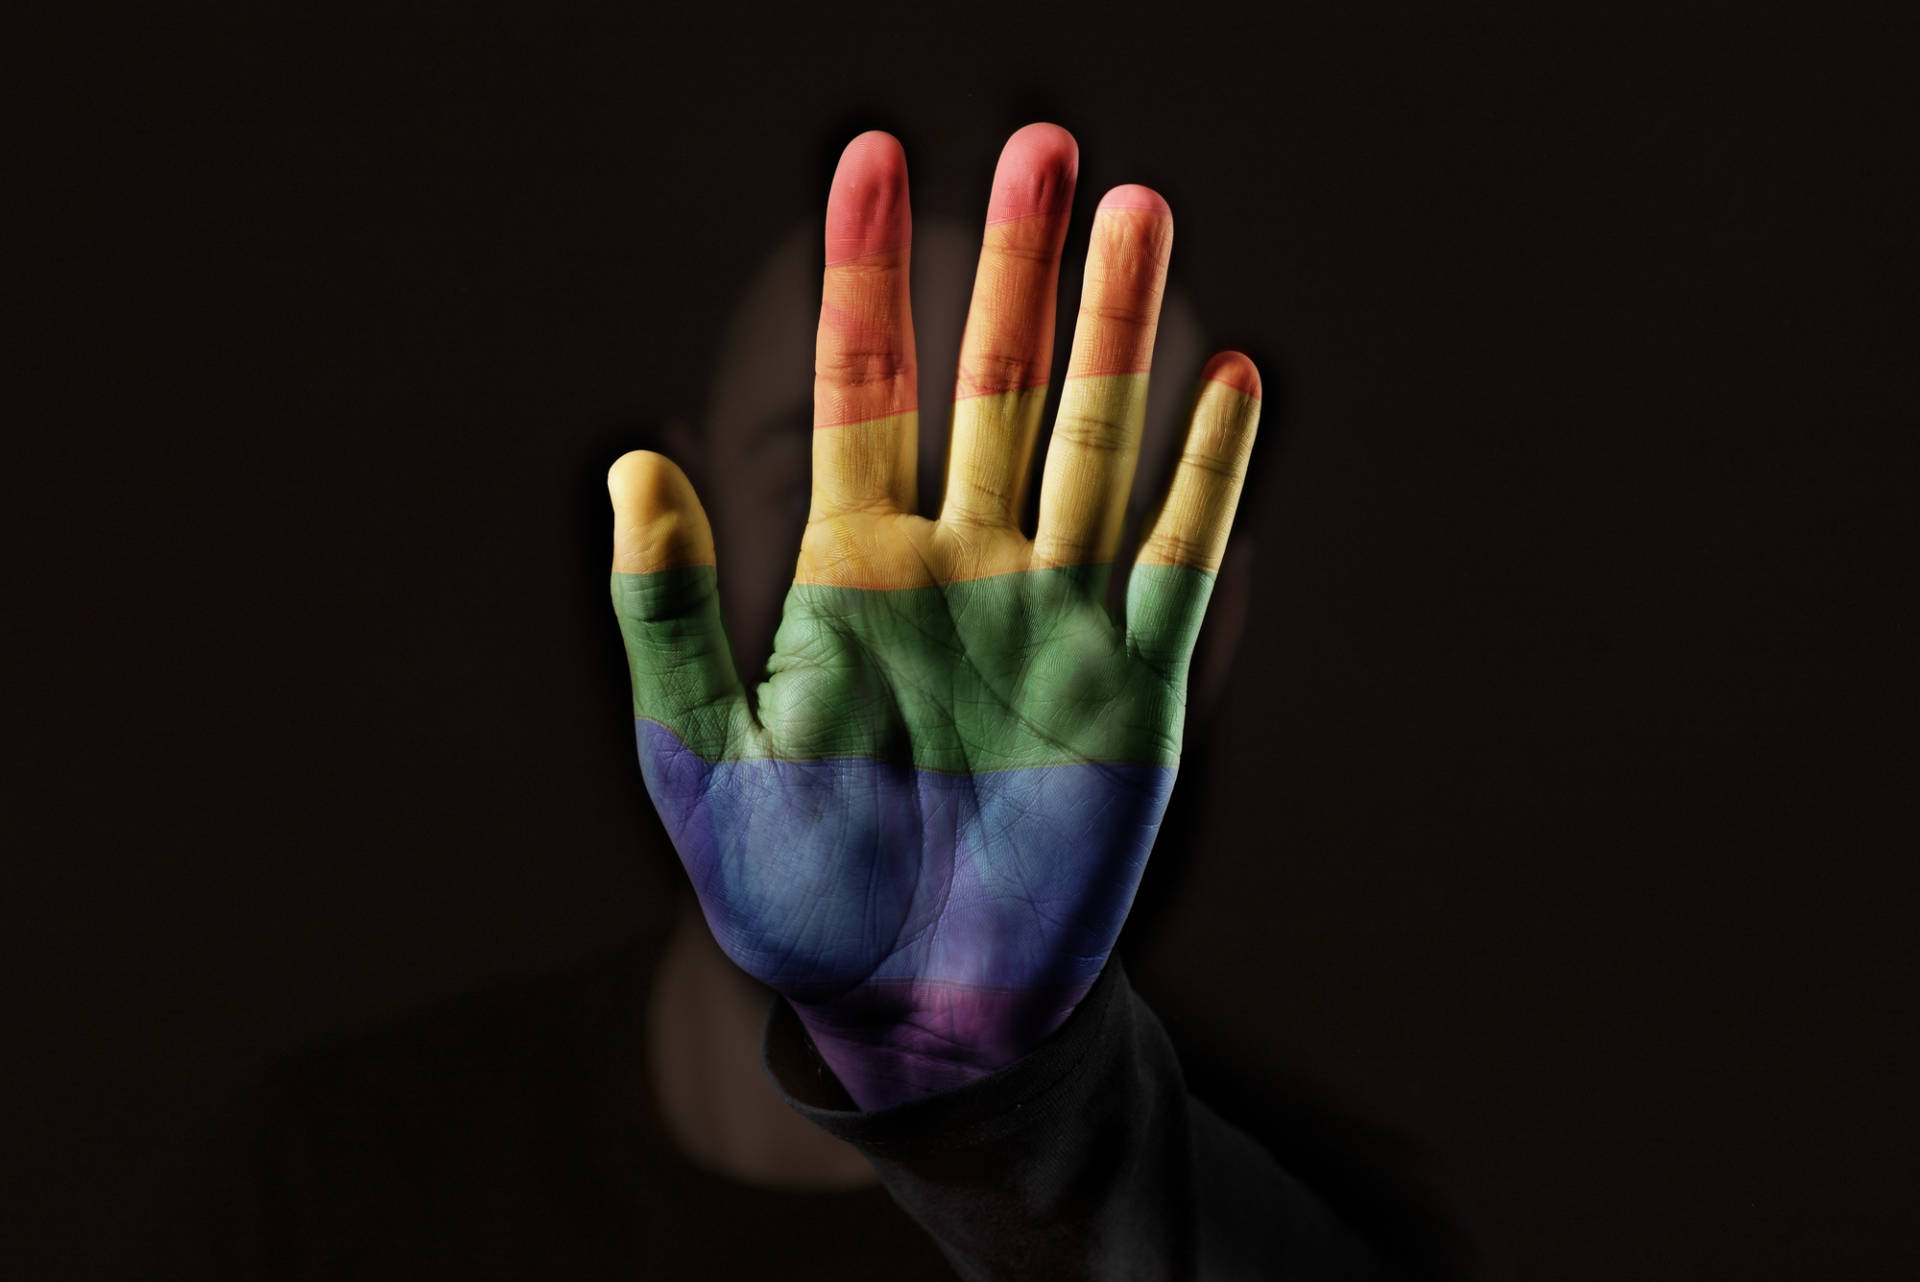 Indice di uguaglianza aziendale: la classifica delle aziende più attente all'inclusione LGBTQ